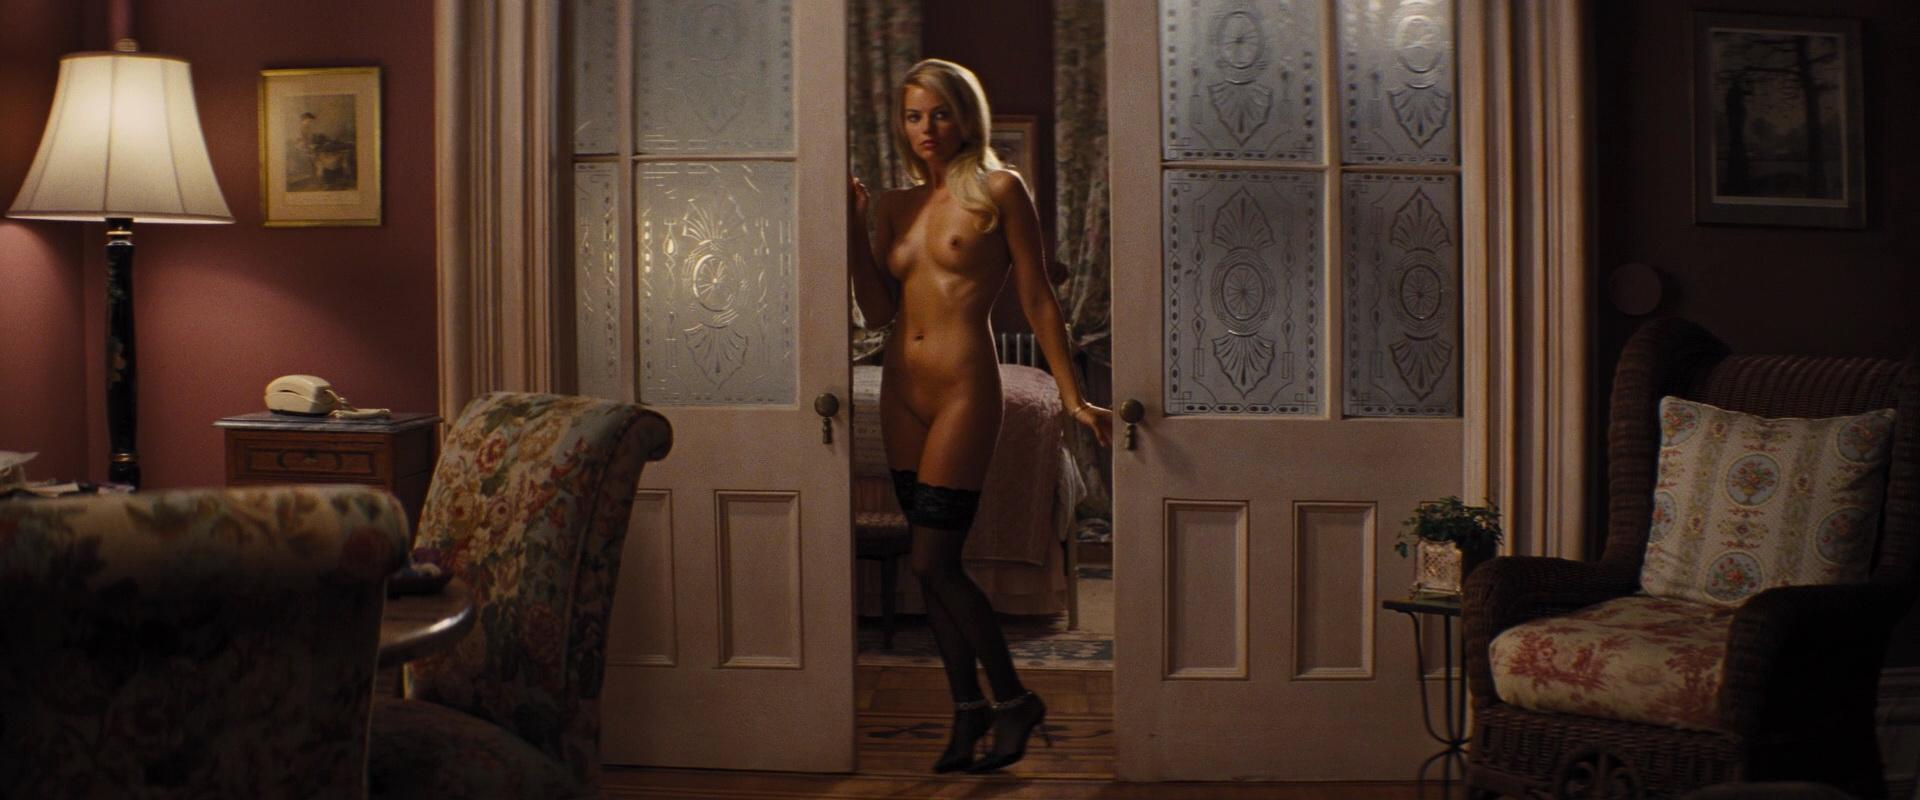 Margot Robbie videos desnuda